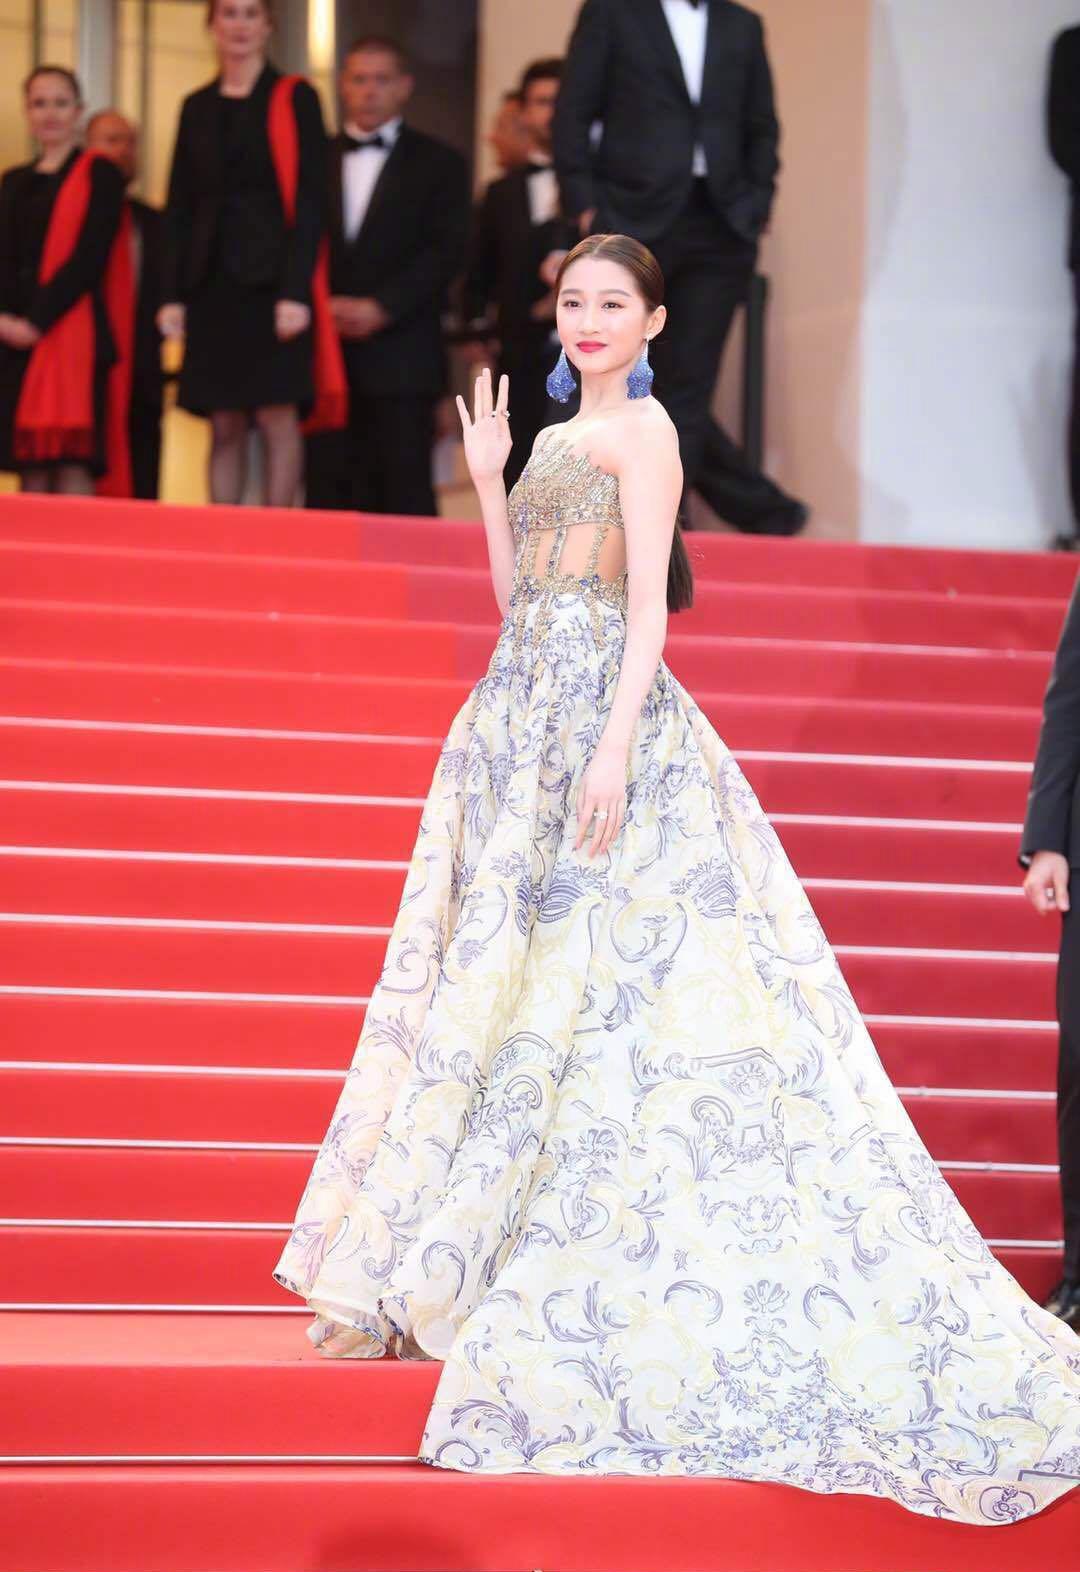 关晓彤的戛纳红毯造型太美了,一袭镂空印花裙,高级又优雅